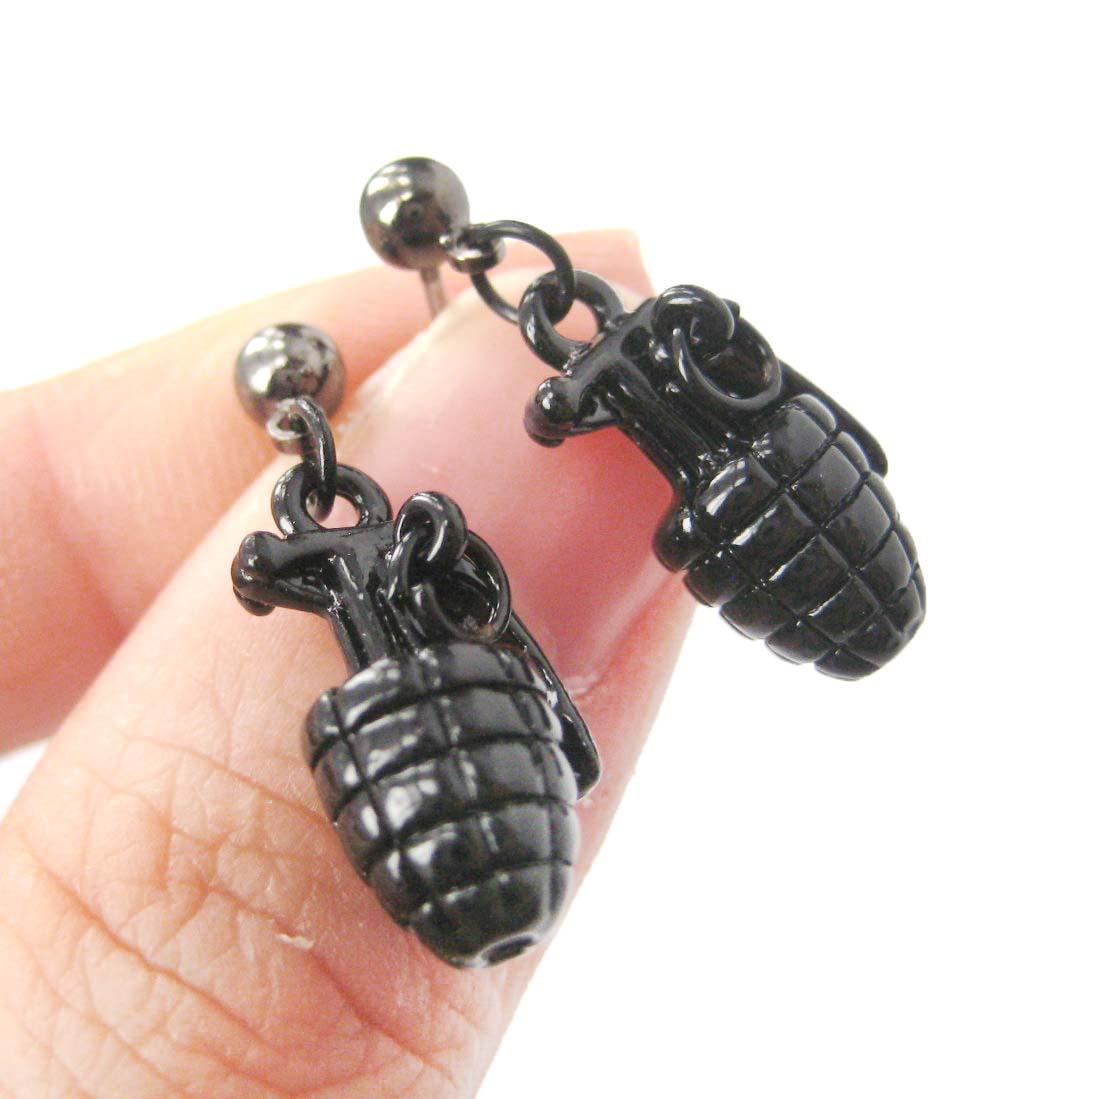 Glitter Bomb Earrings with Sterling Silver Posts Da Bomb Acrylic Earrings Black Explosive Statement Earrings